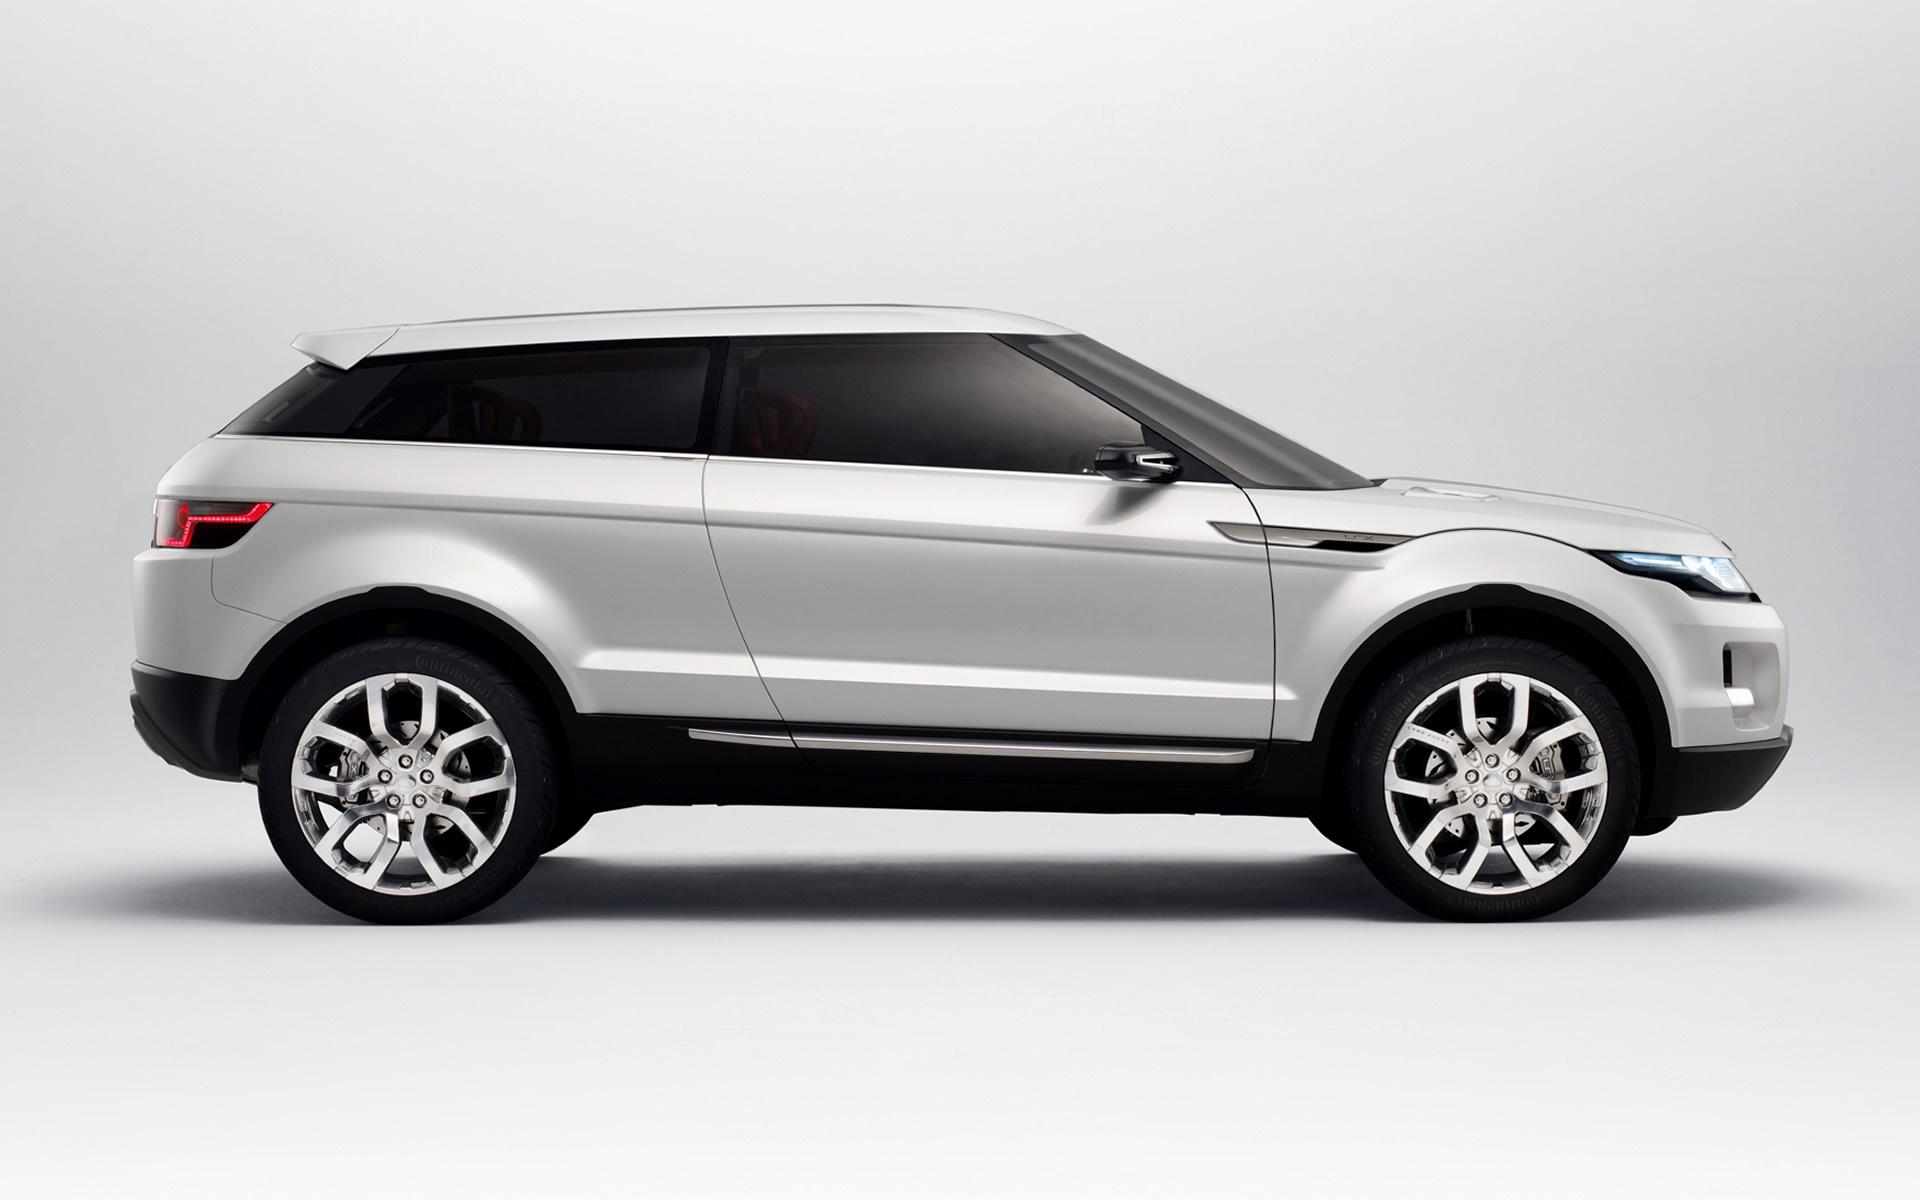 https://www.carpixel.net/w/4137c45dd1dd49e4097403fddde5afe6/land-rover-lrx-concept-car-wallpaper-37183.jpg